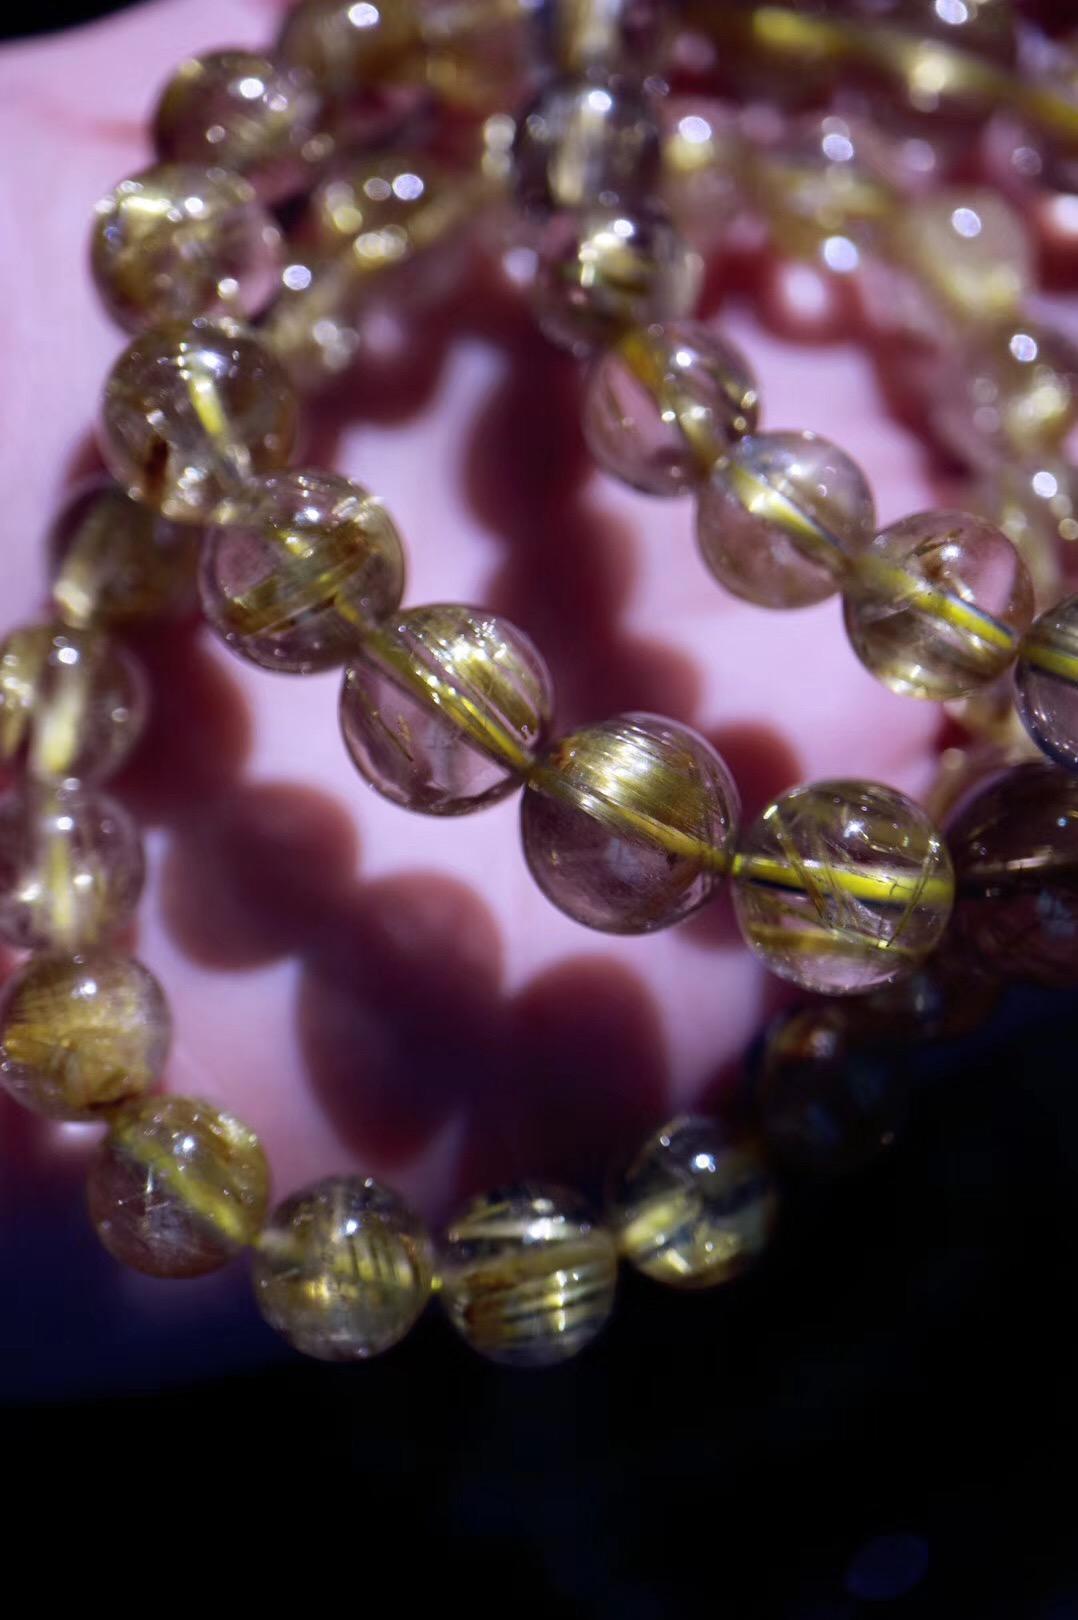 【菩心 | 钛晶】一条钛晶来助运,对应太阳轮,养胃且招财-菩心晶舍